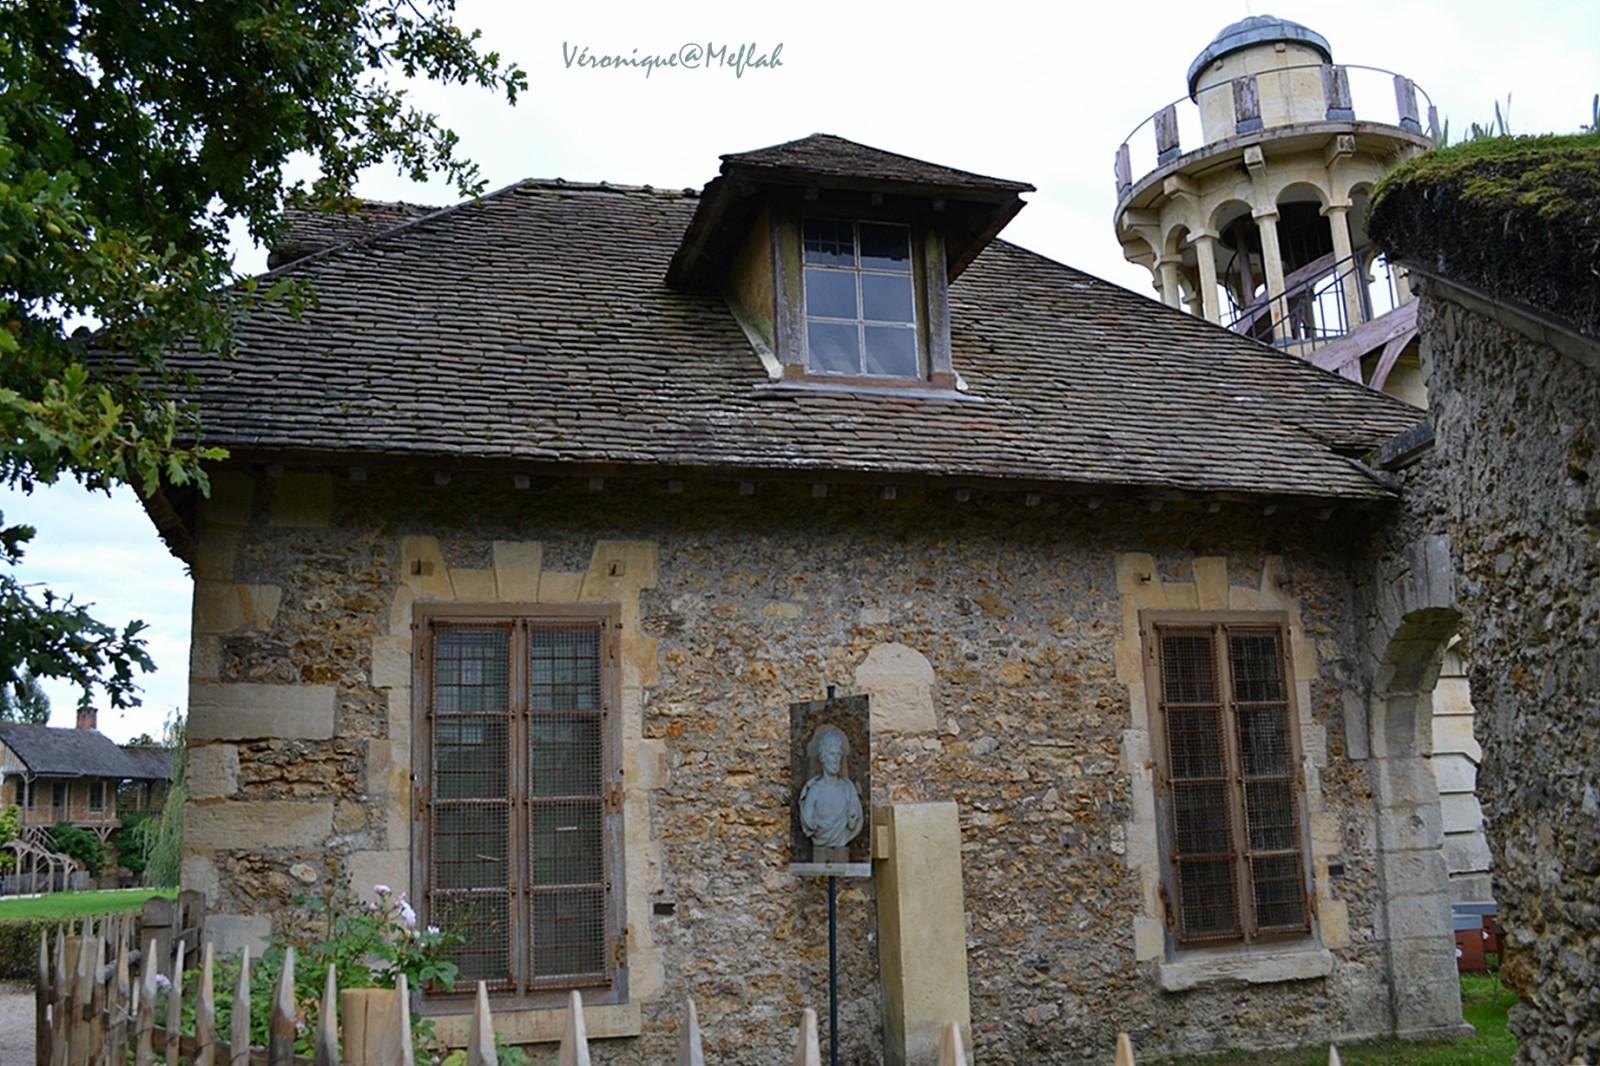 Ch teau de versailles et ses jardins une fleur de paris - Photos du chateau de versailles et ses jardins ...